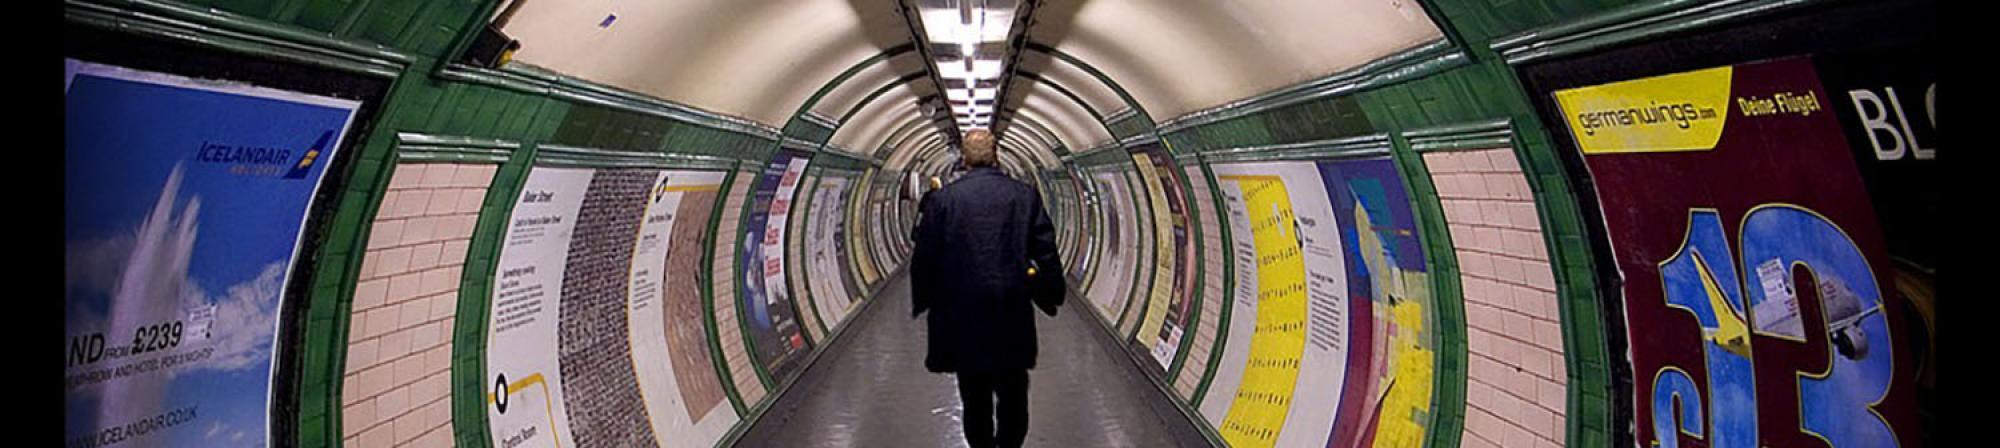 Man walking in London subway (Tube)